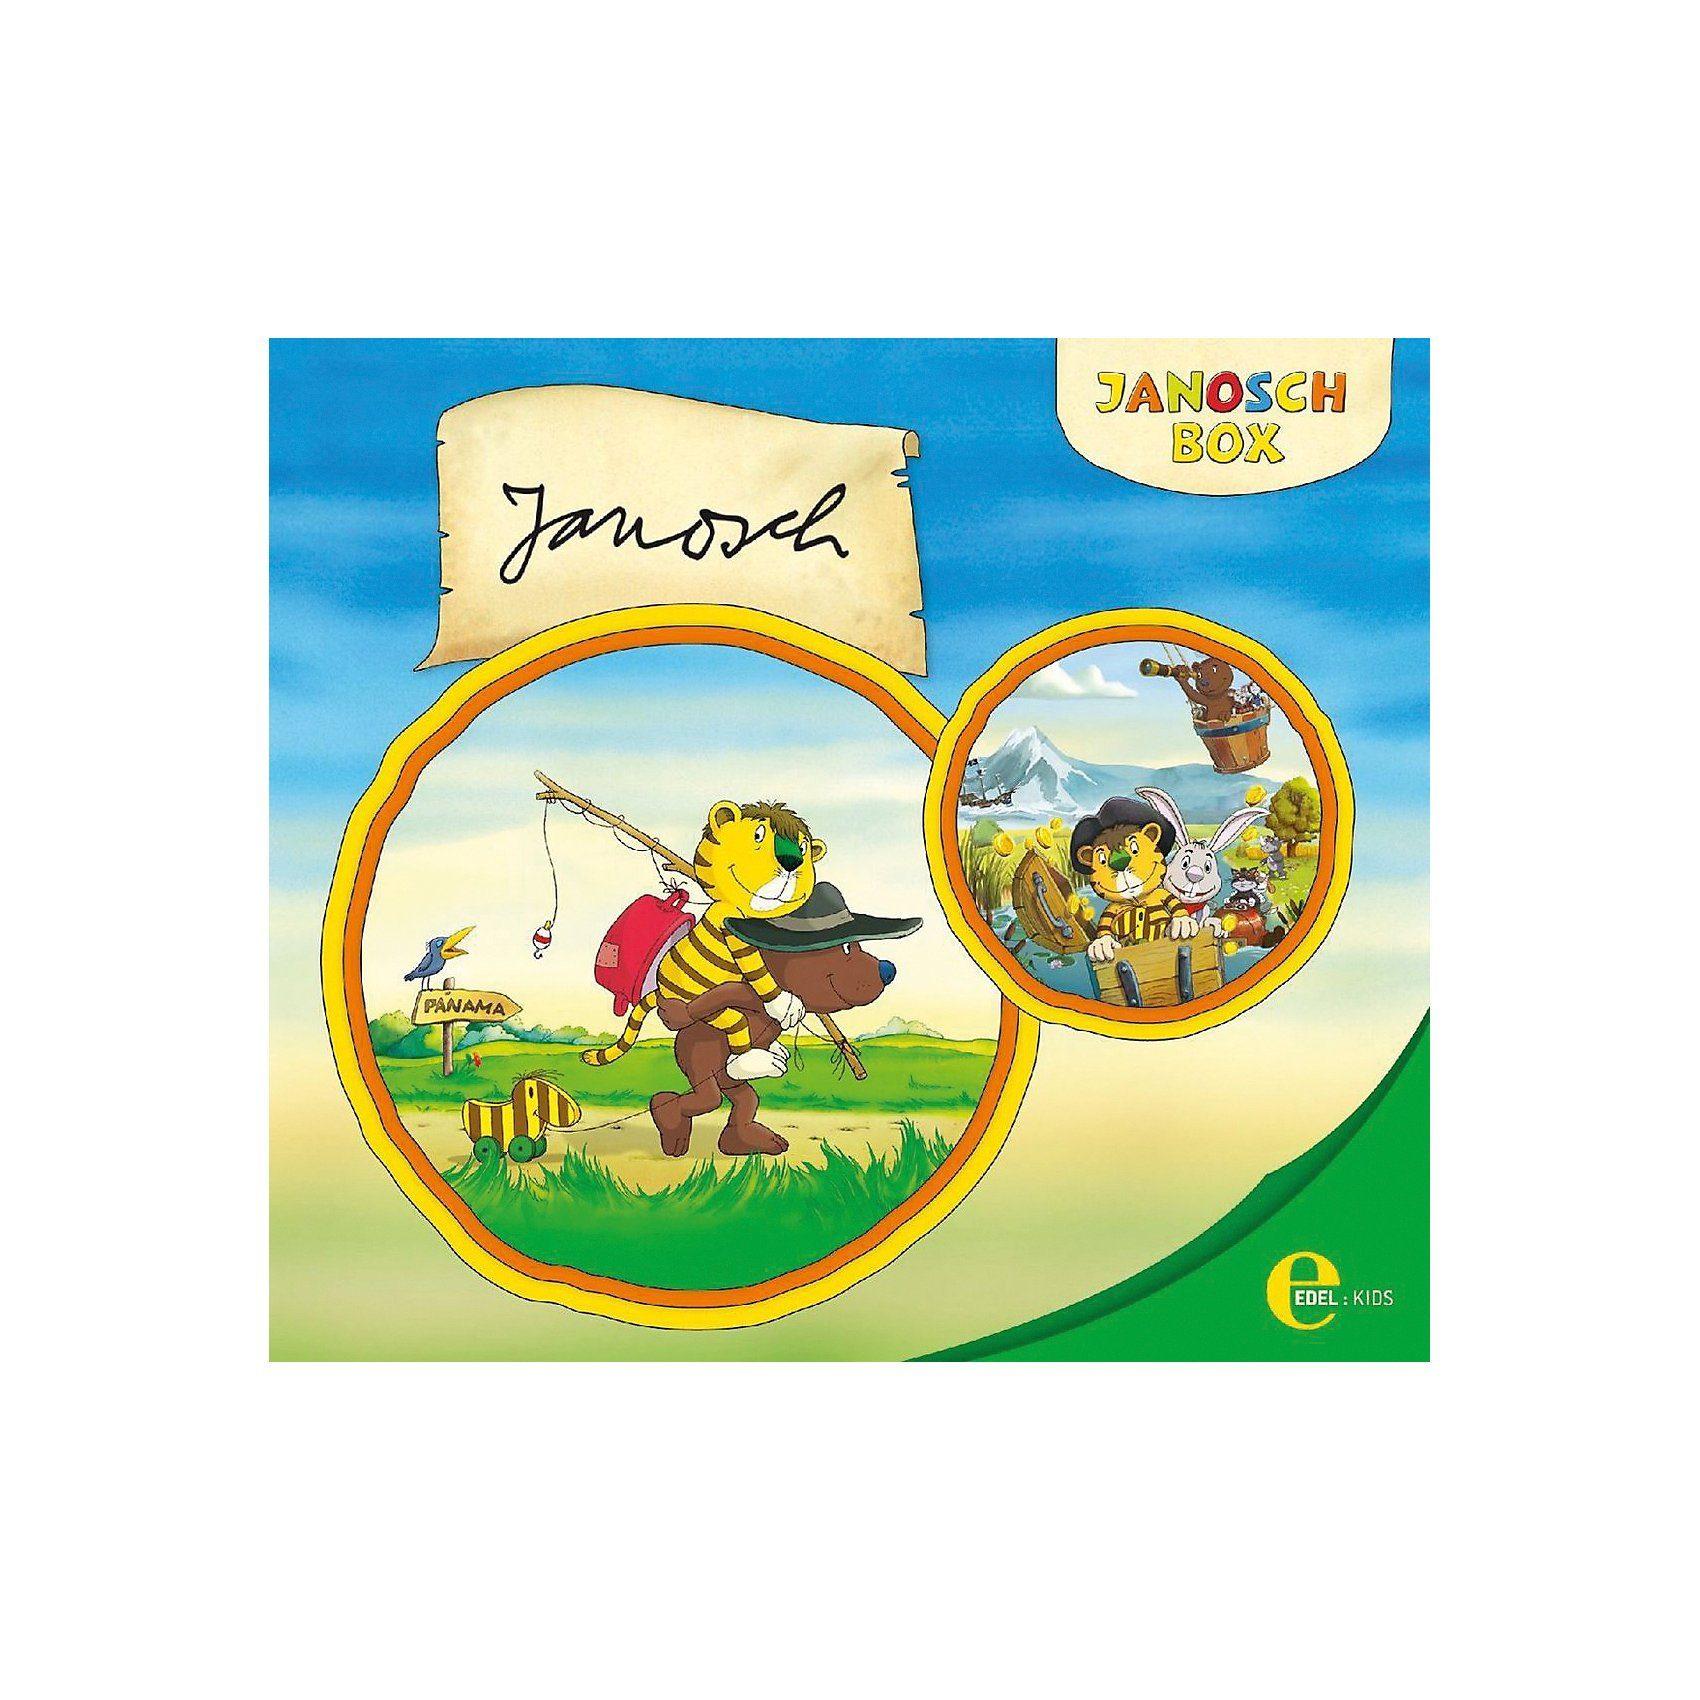 Edel CD Janosch - Janosch-Box